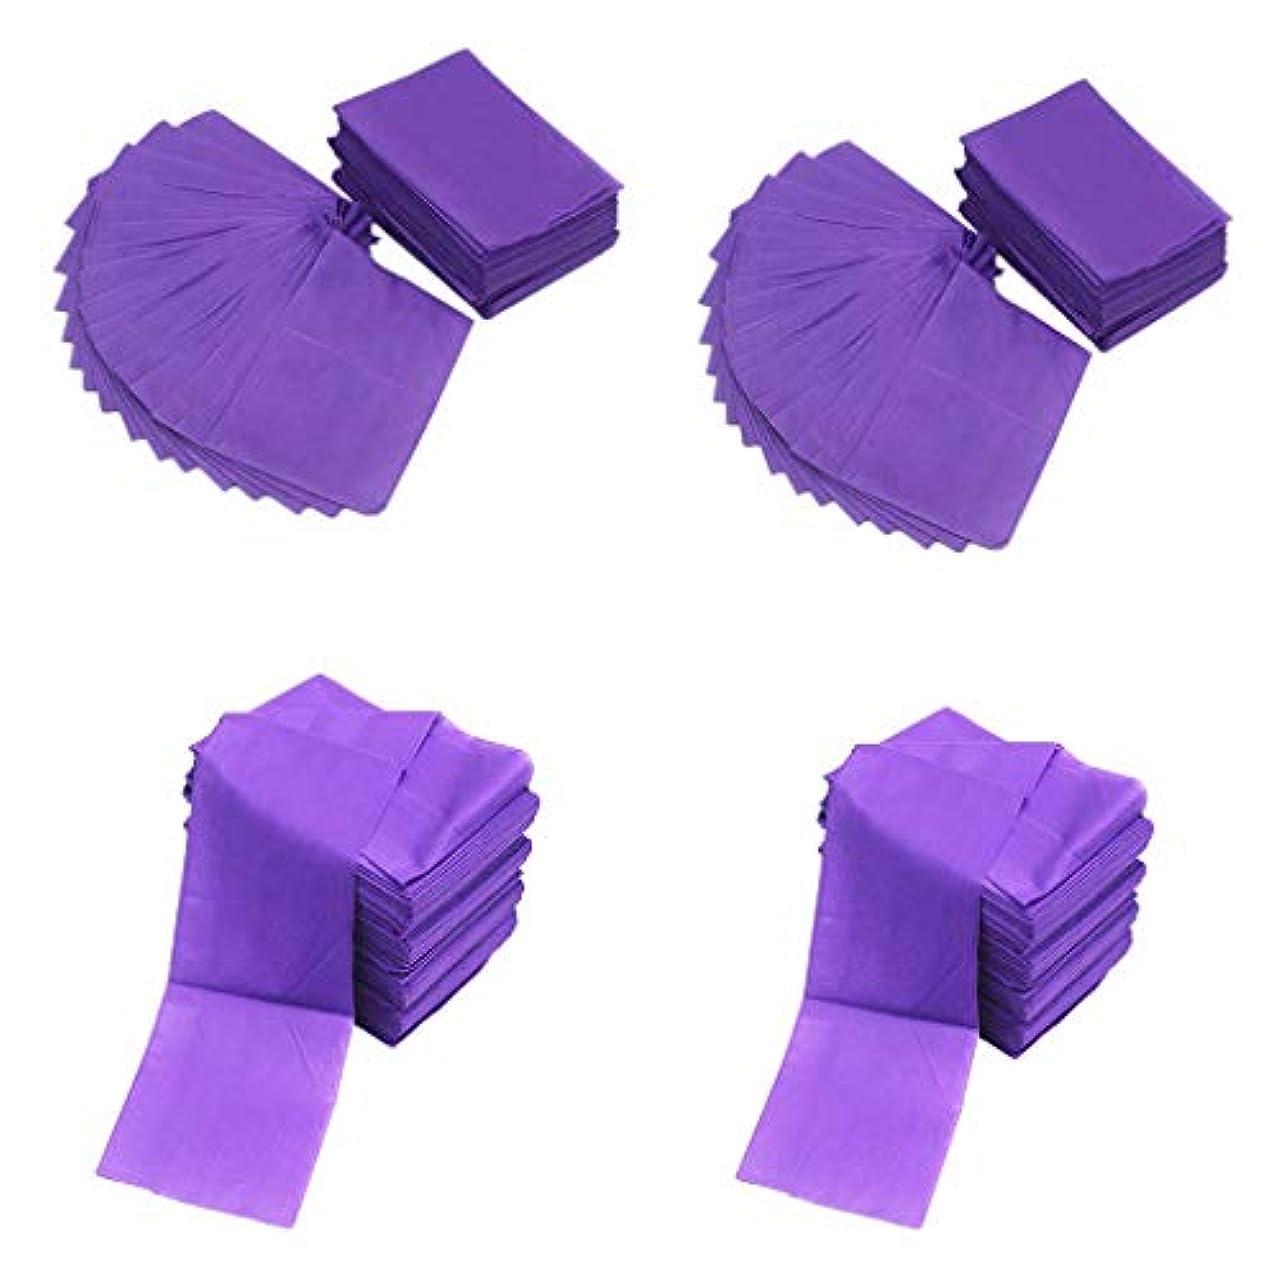 戦う起こりやすい返還40シートサロンタトゥースパマッサージテーブル用使い捨てベッドパッドカバーシート